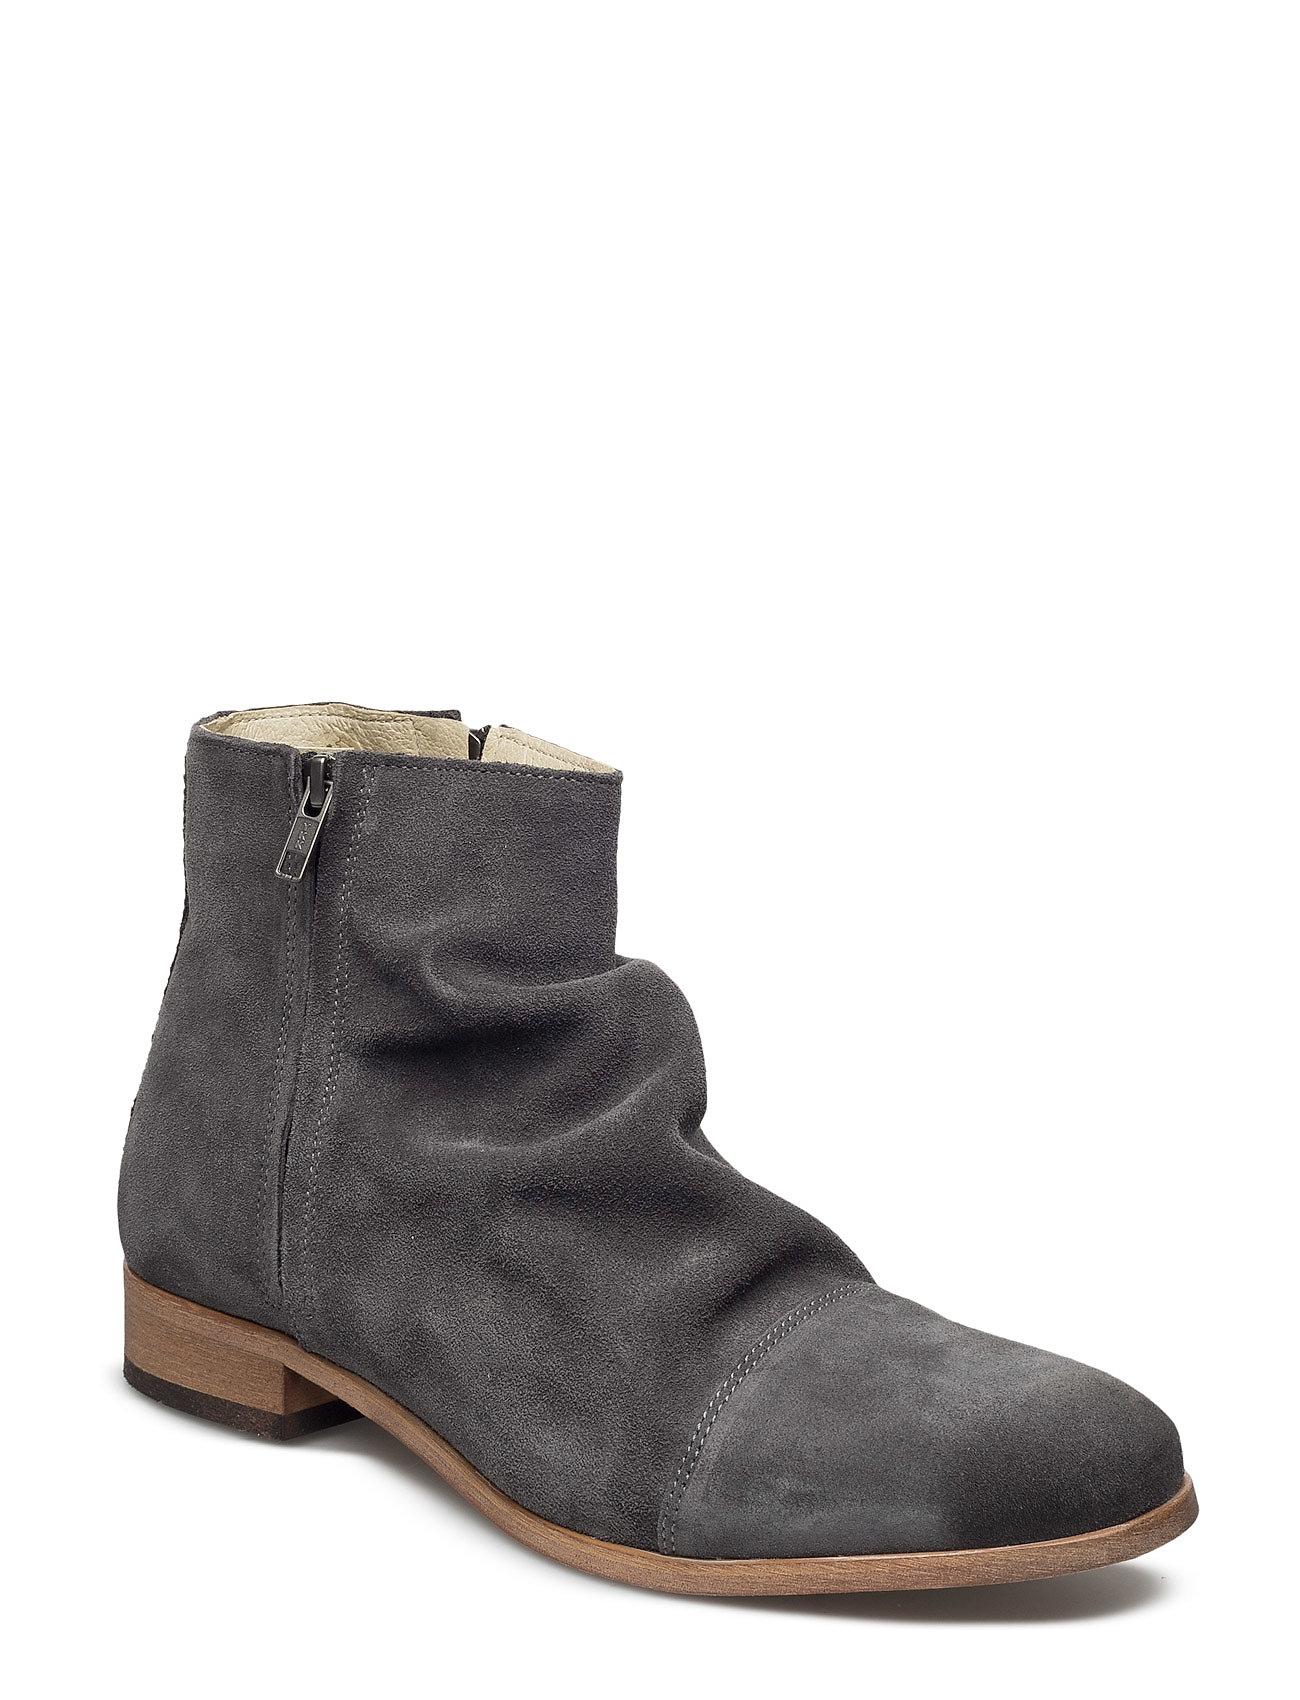 Stb1067 Shoe The Bear Støvler til Mænd i Mørkegrå